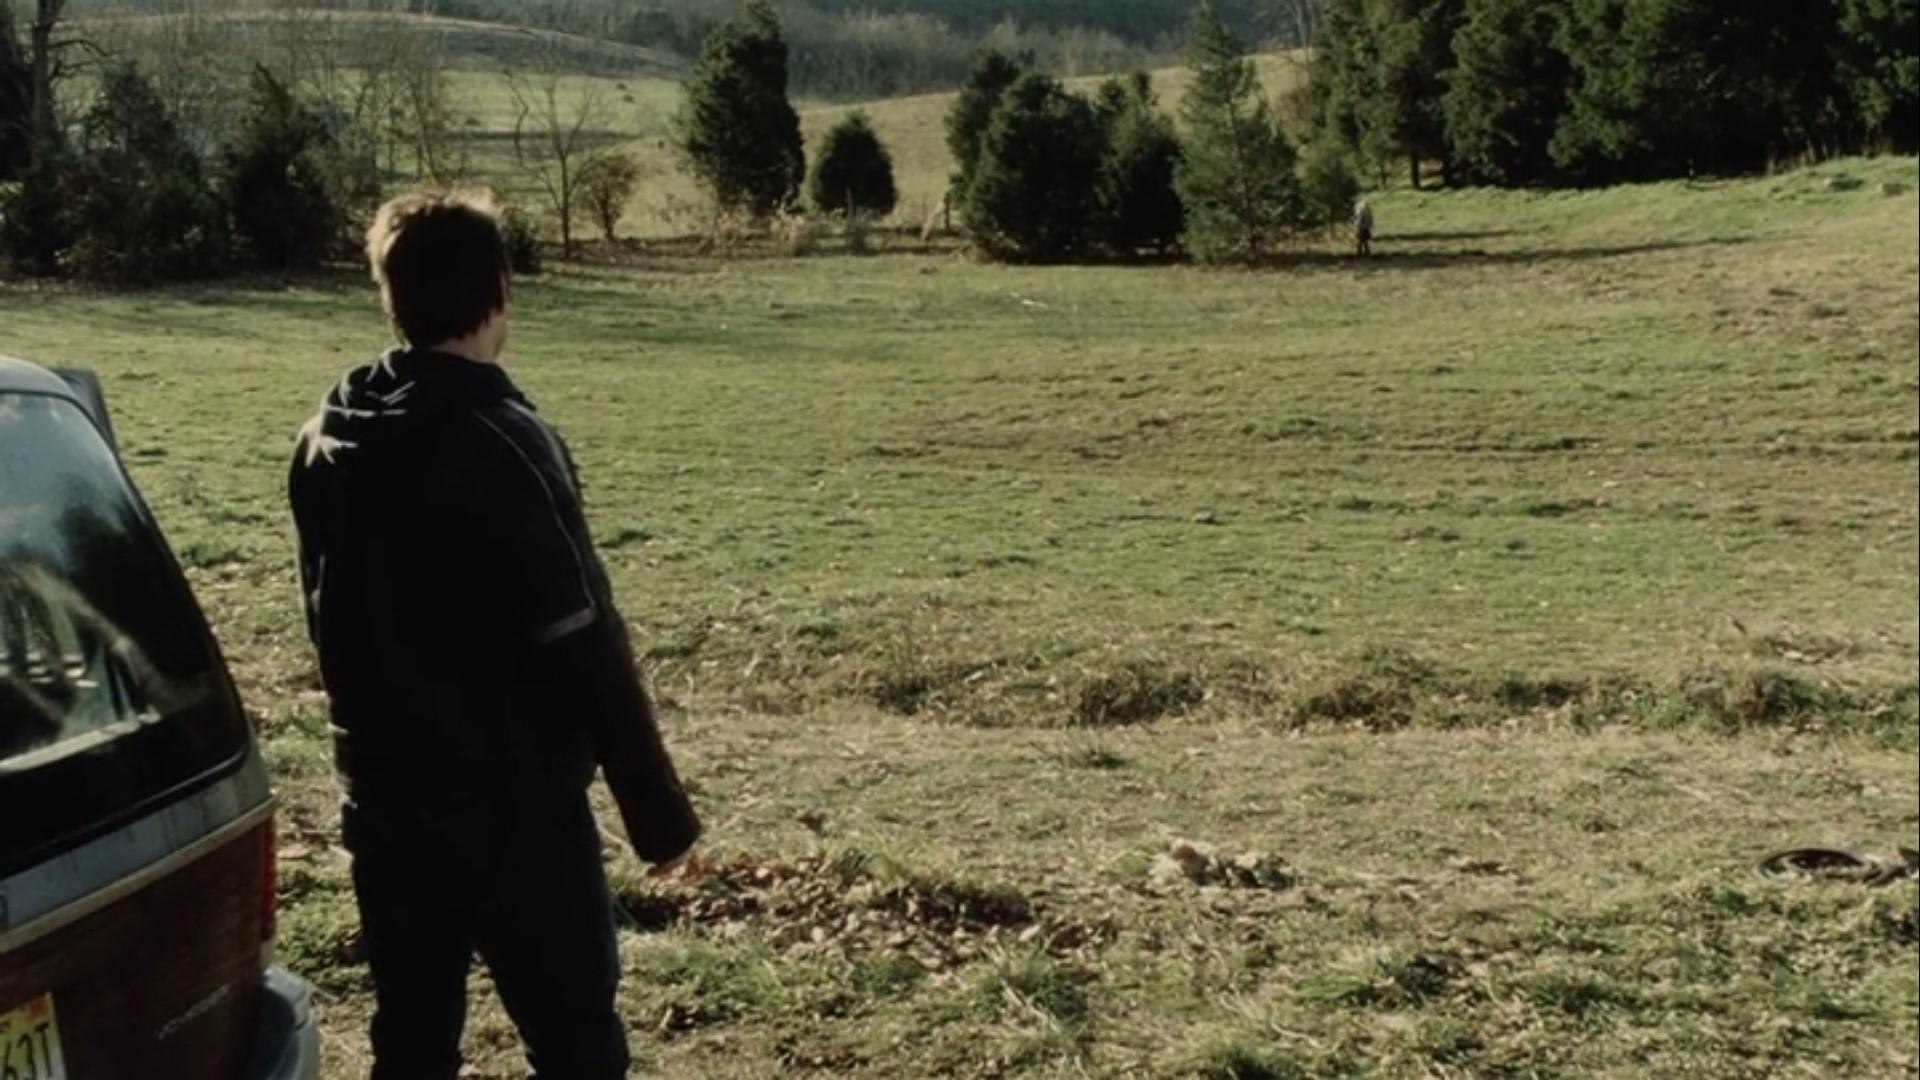 映画「宇宙戦争(2005)」感想。10回見ても全然飽きない: 安息地を求めてさまよう、ロードムービー要素